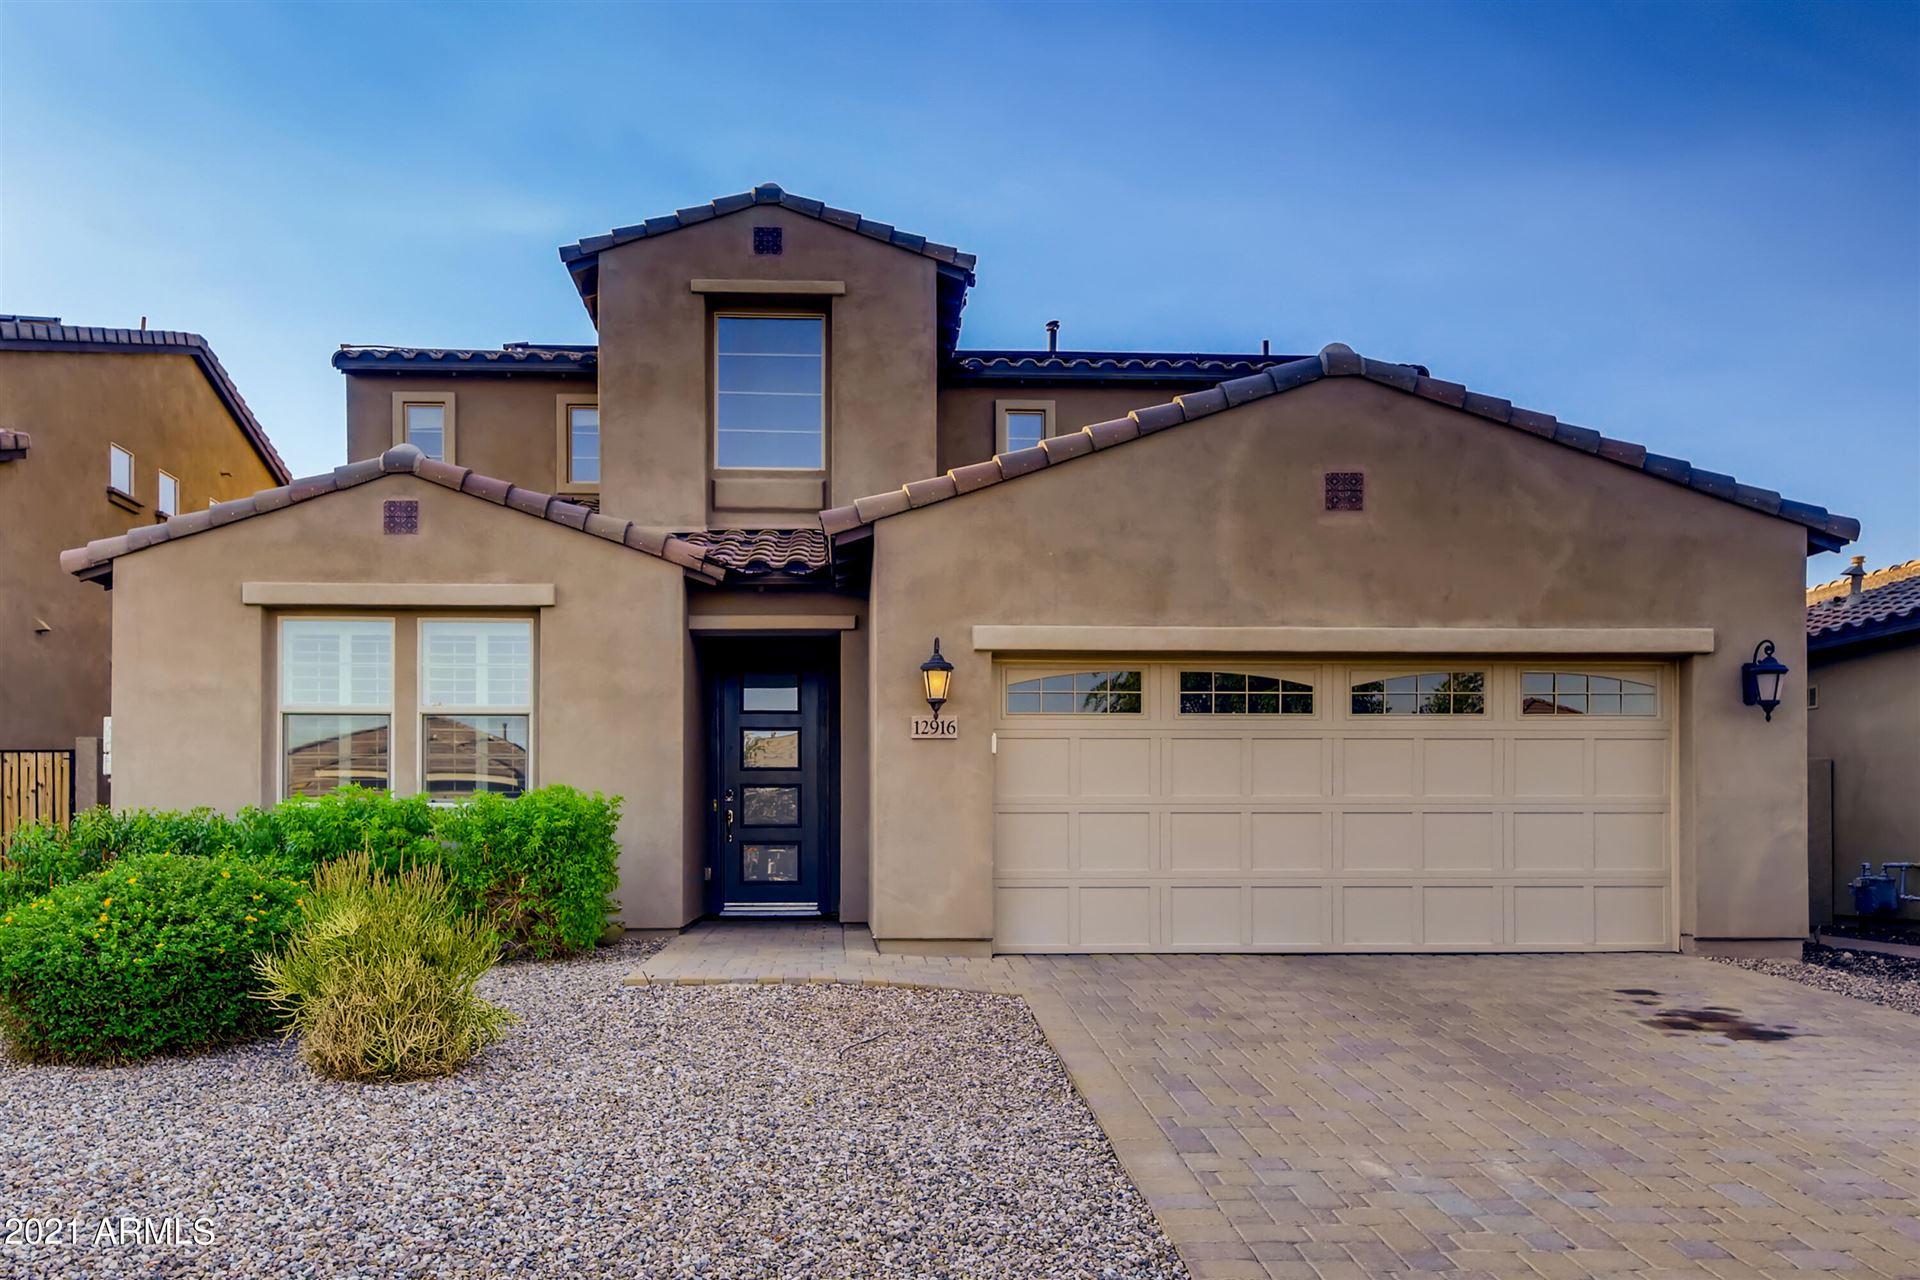 12916 W ASHLER HILLS Drive, Peoria, AZ 85383 - MLS#: 6261324